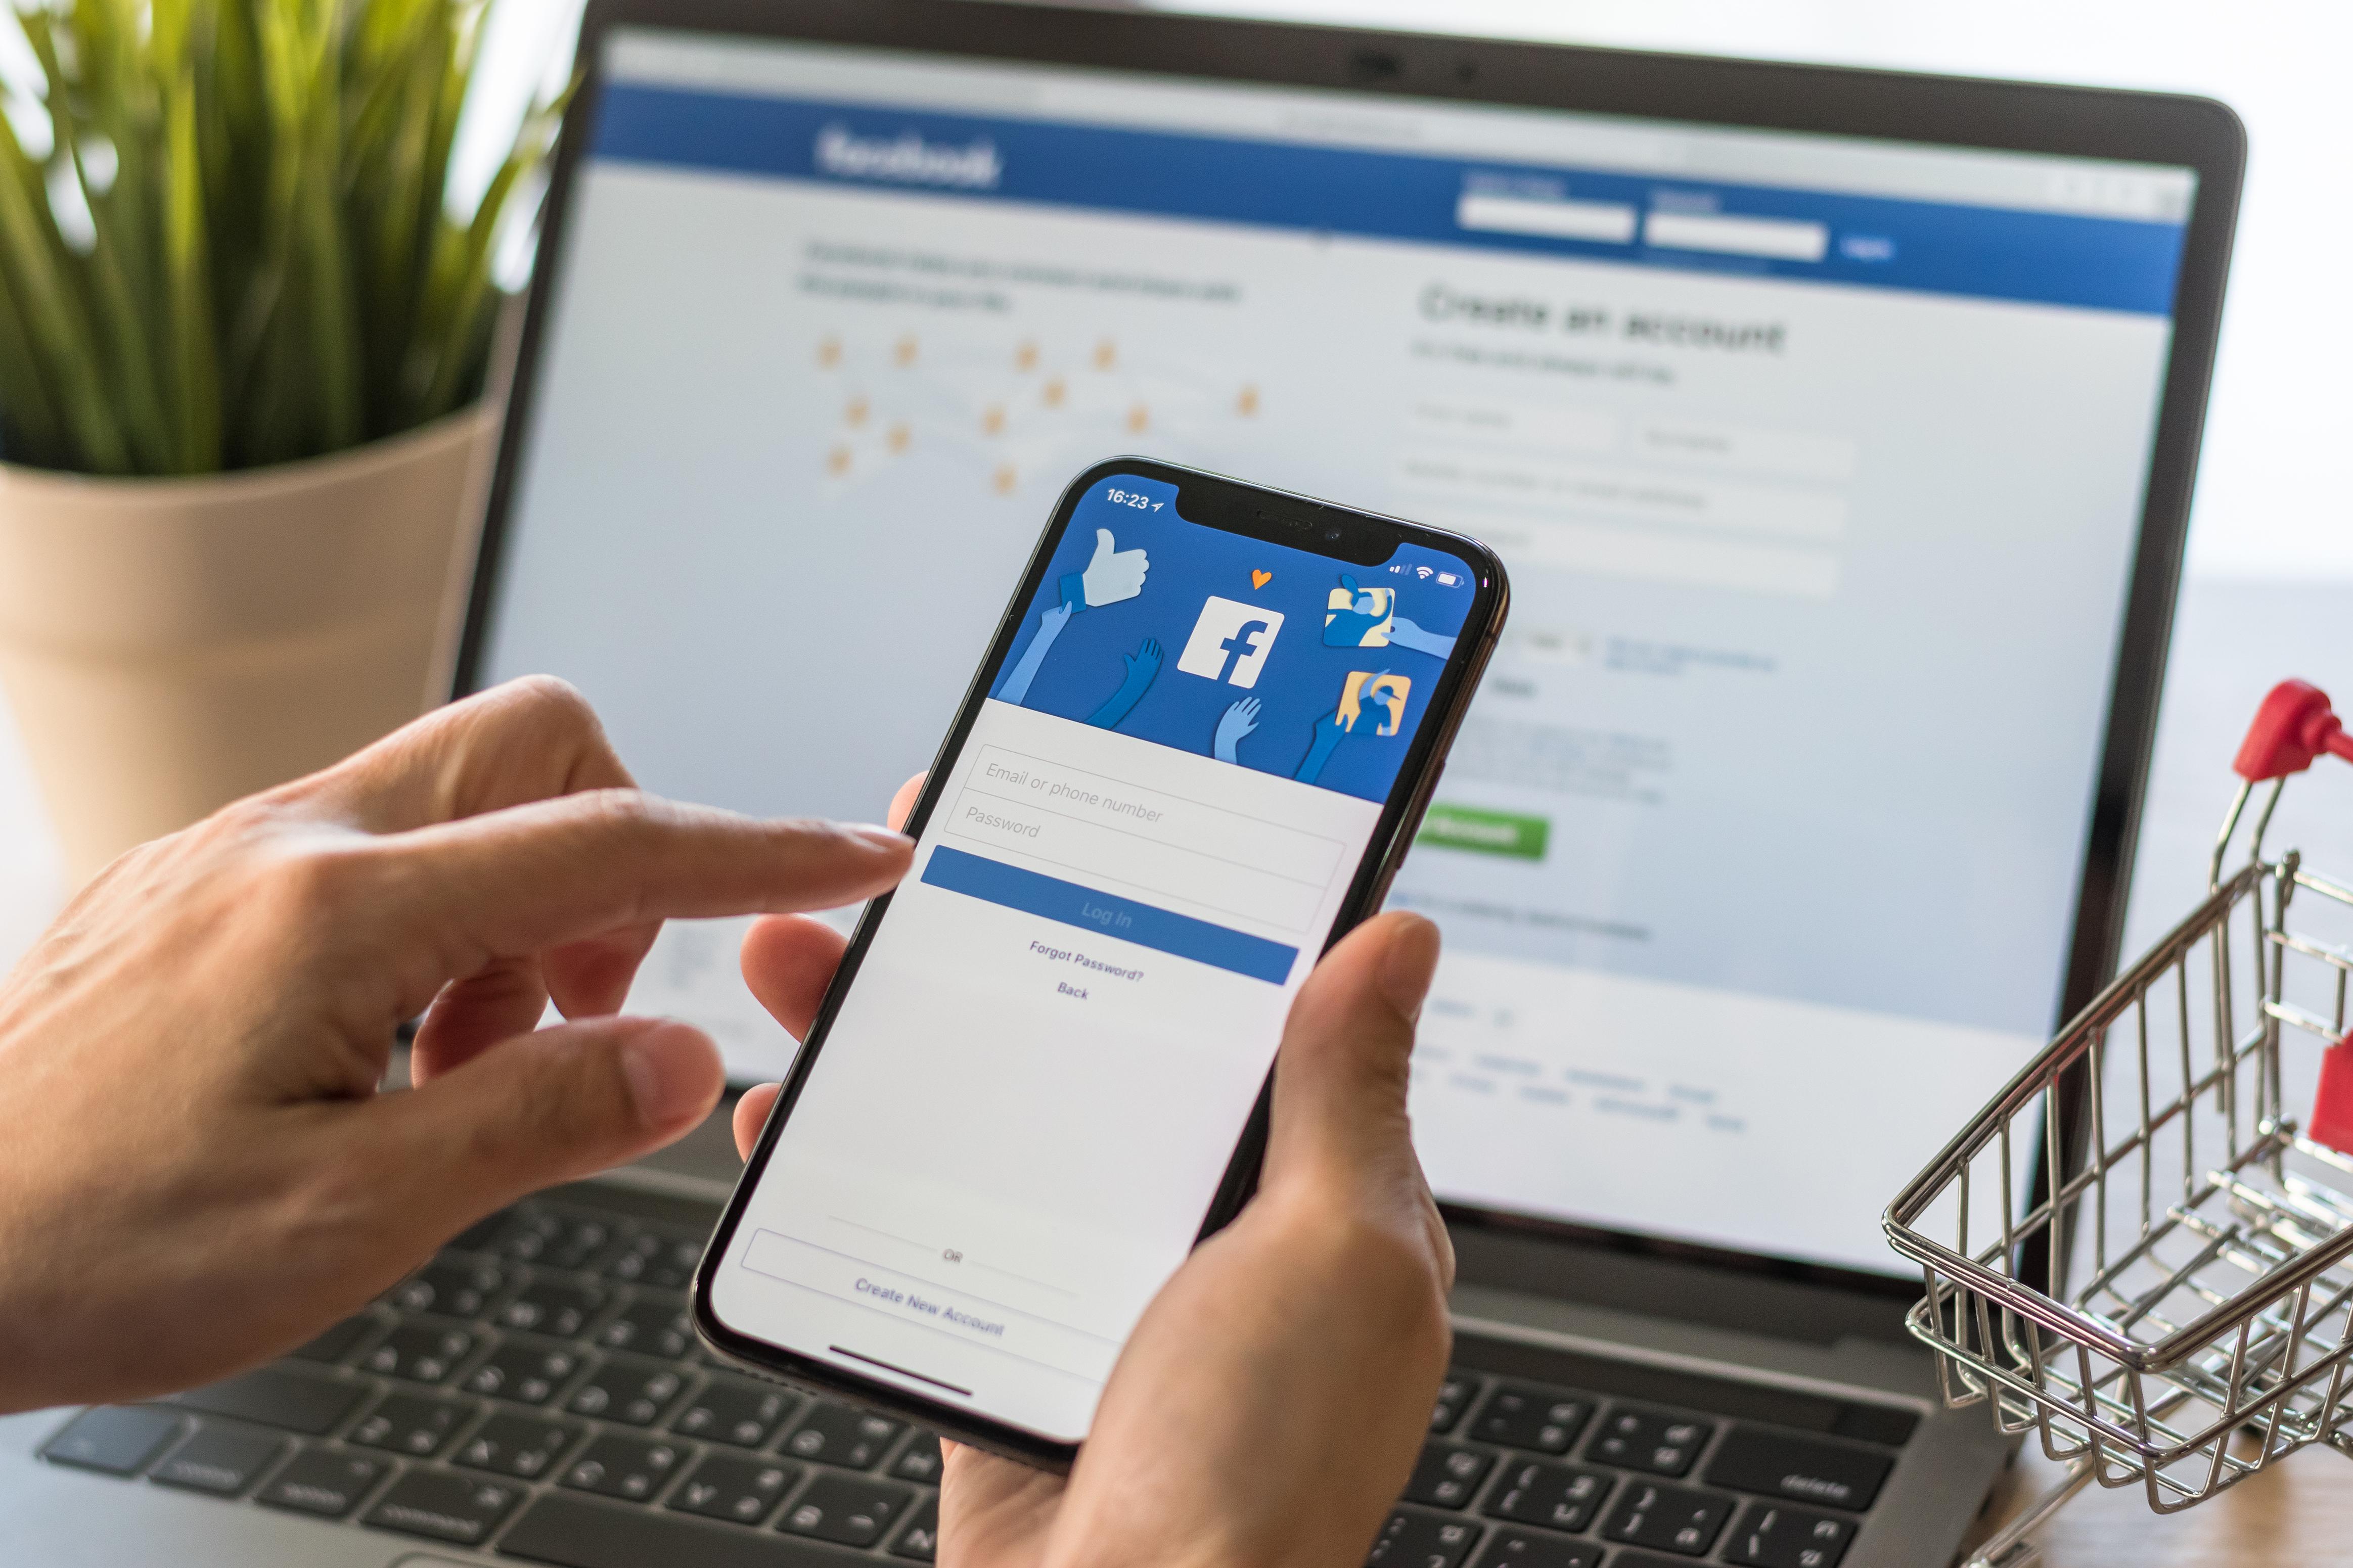 เช็คด่วน 5 สัญญาณเตือน ที่บ่งบอกว่าคุณเป็น โรคซึมเศร้าจากเฟซบุ๊ก